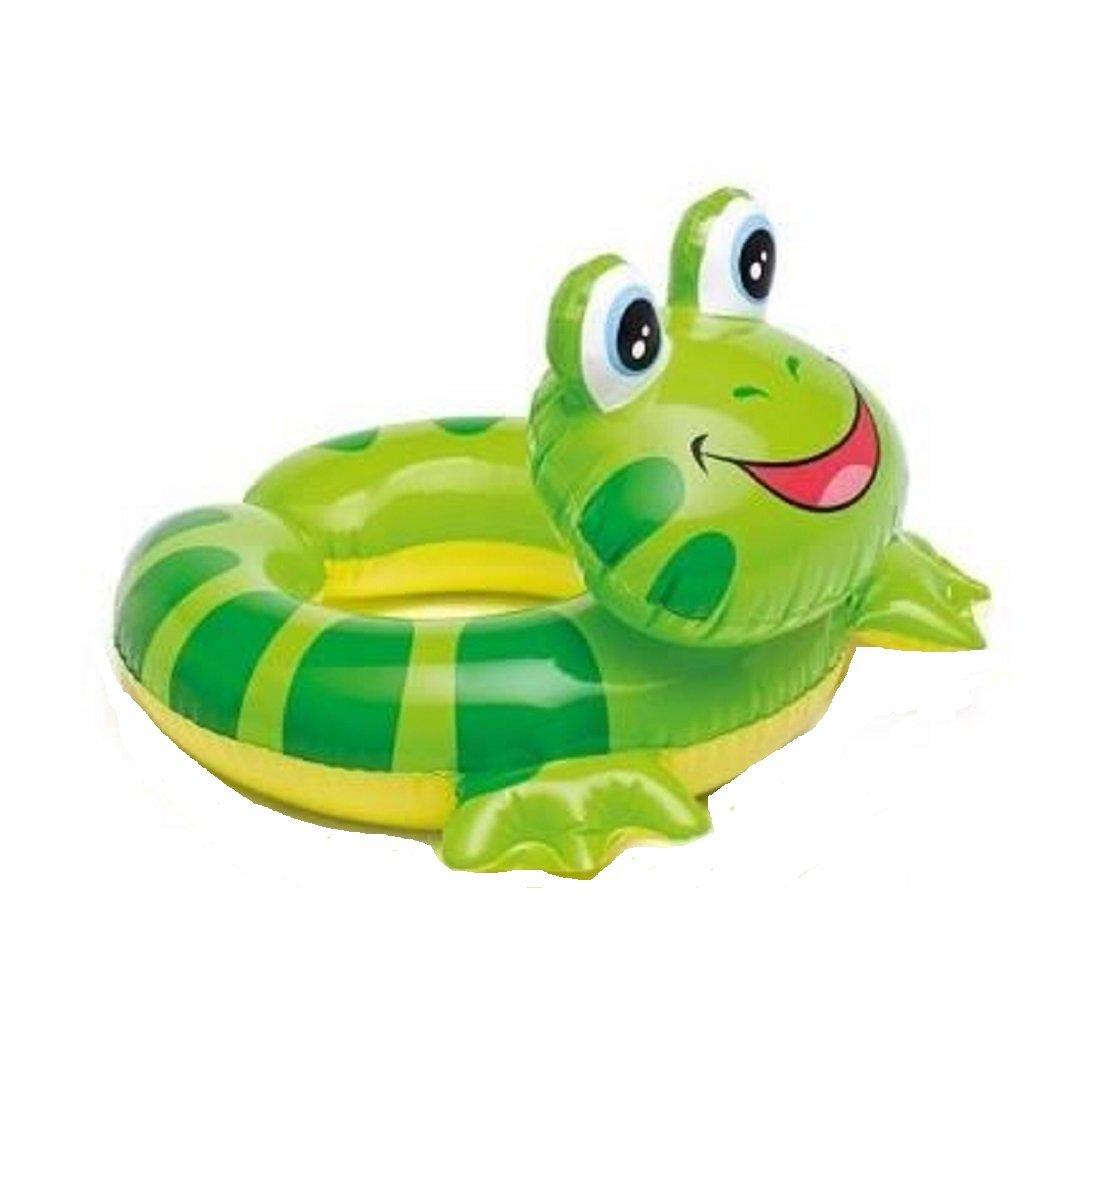 Baño Animal Hinchable flotador (para absoluten baño Diversión/Animales cabeza/Animales cabeza/aprox. 56 cm diversión de baño para niños/de la ideal baño ...